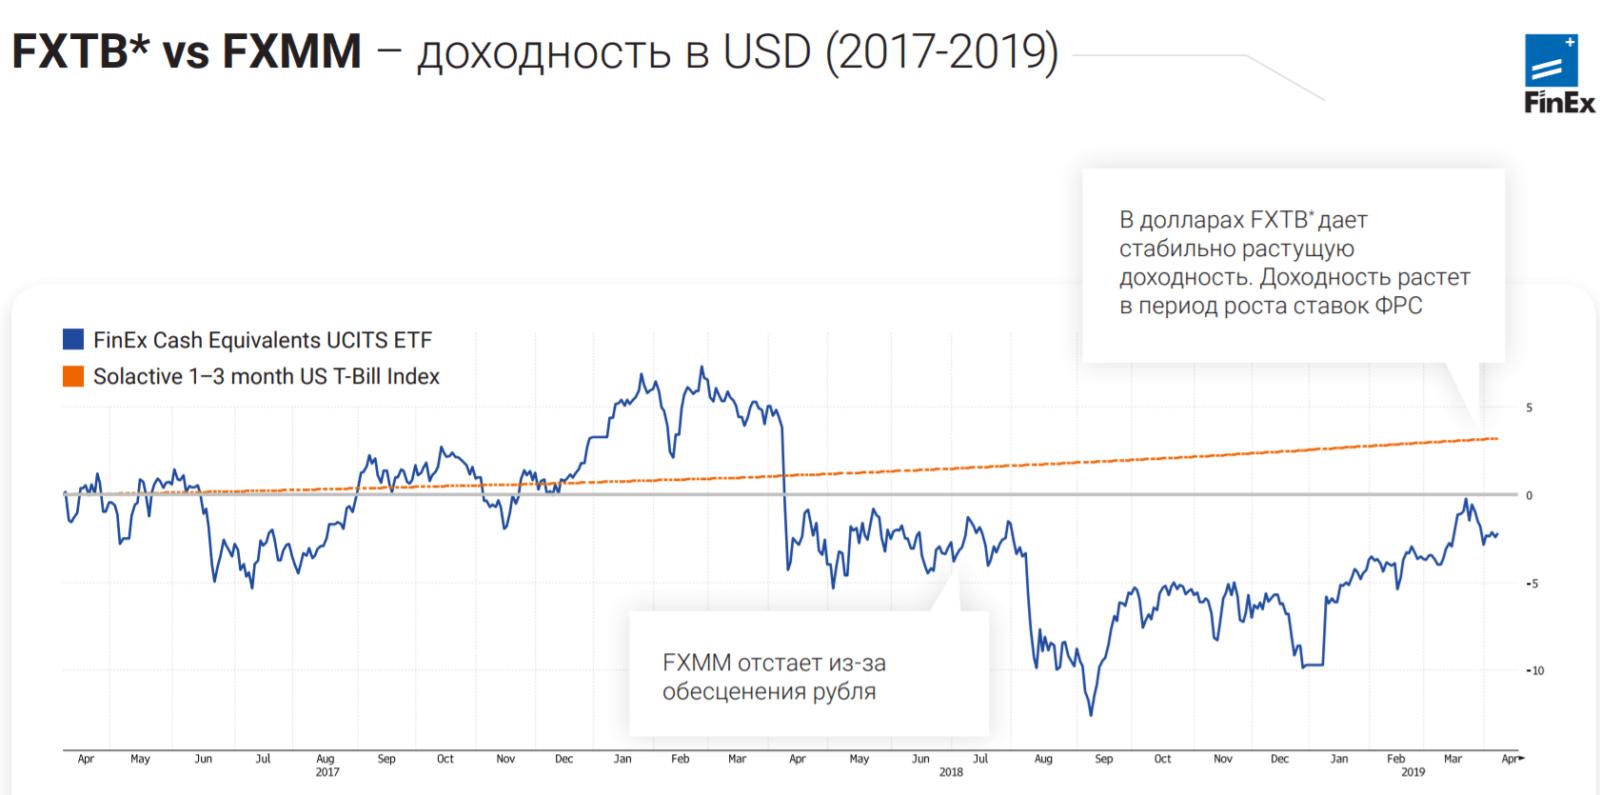 Сравнение доходности ETF FXMM и FXTB